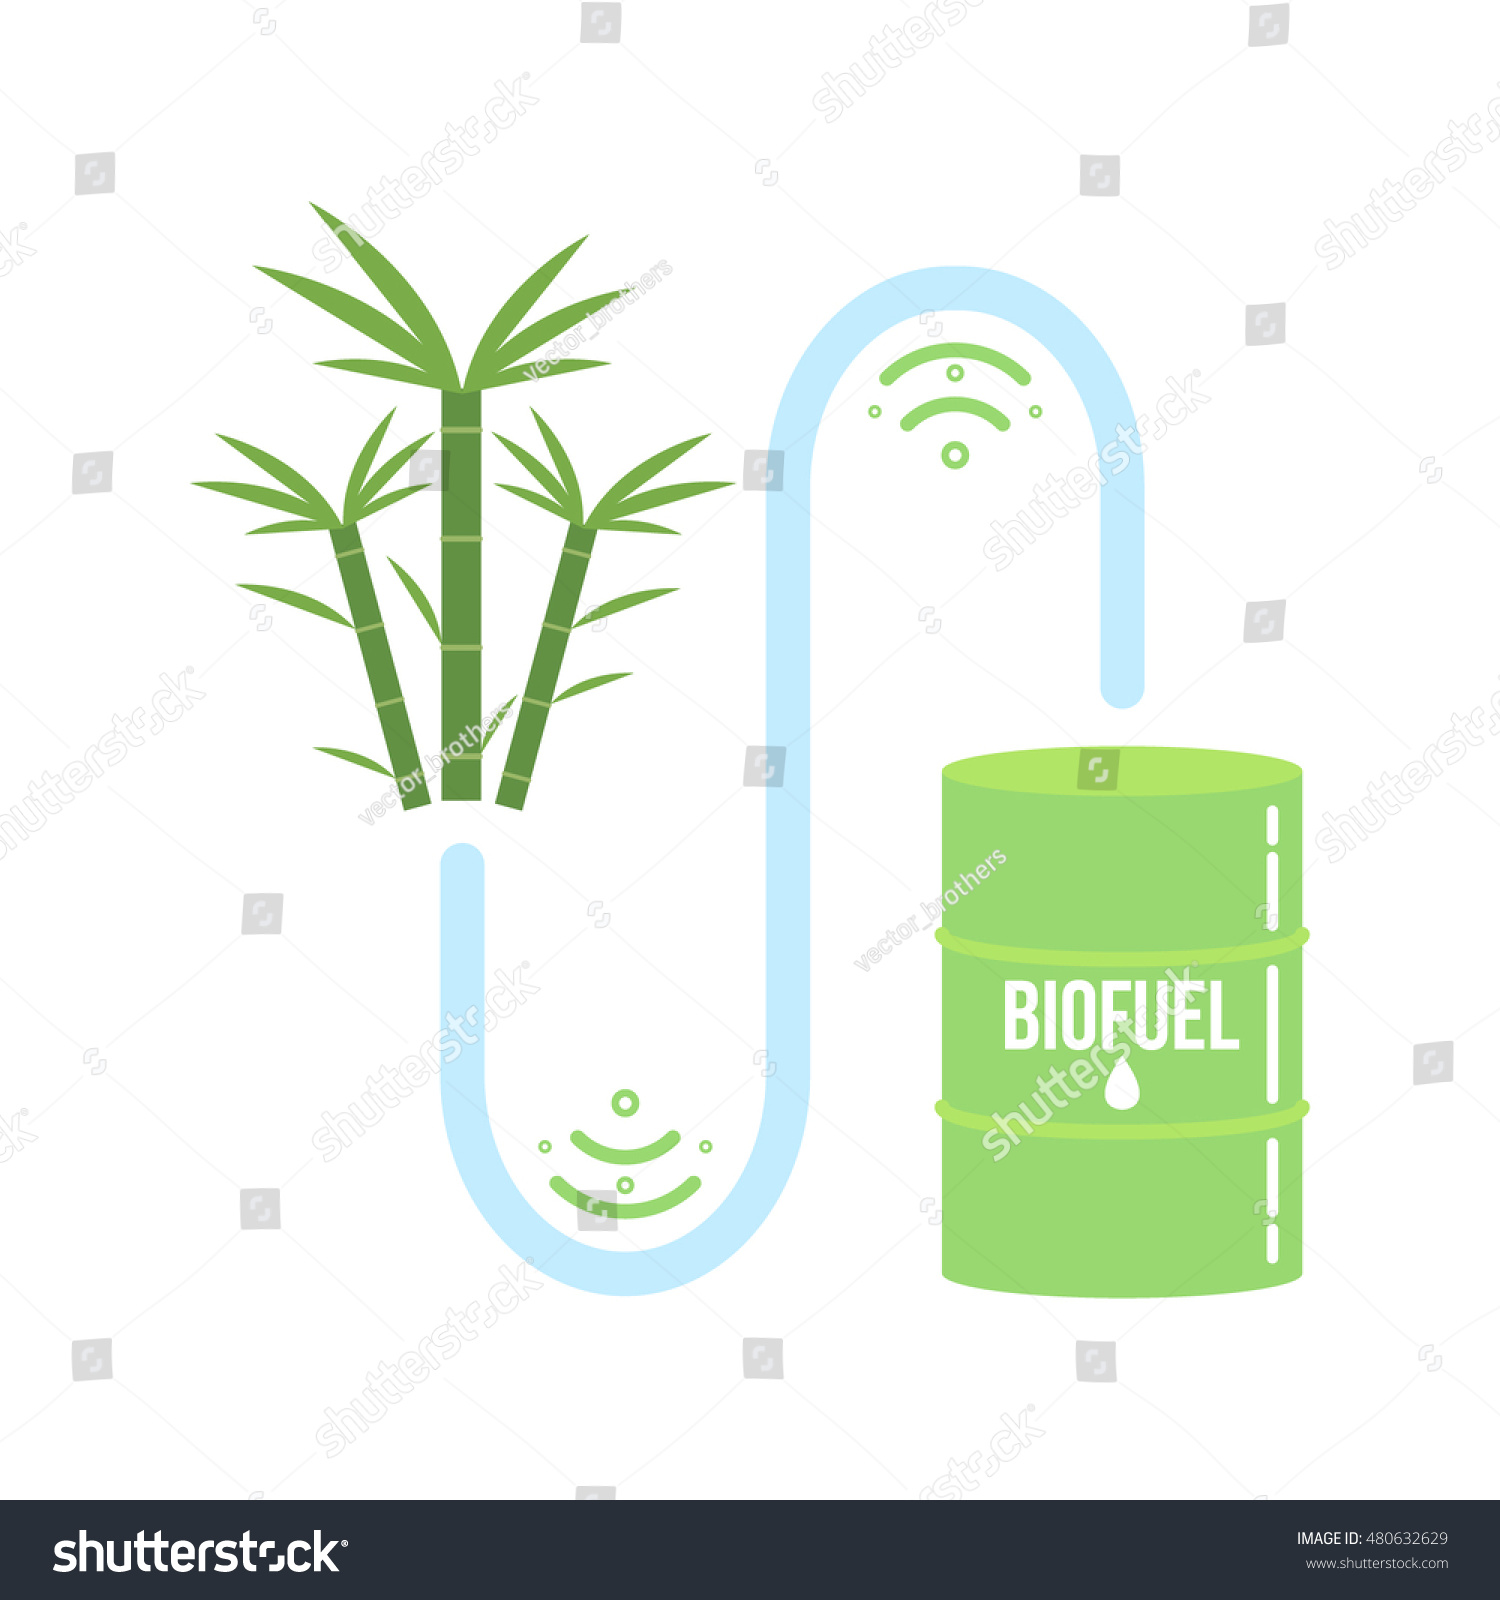 Sugarcane ethanol biofuel vector icon alternative stock vector sugarcane ethanol biofuel vector icon alternative environmental friendy fuel buycottarizona